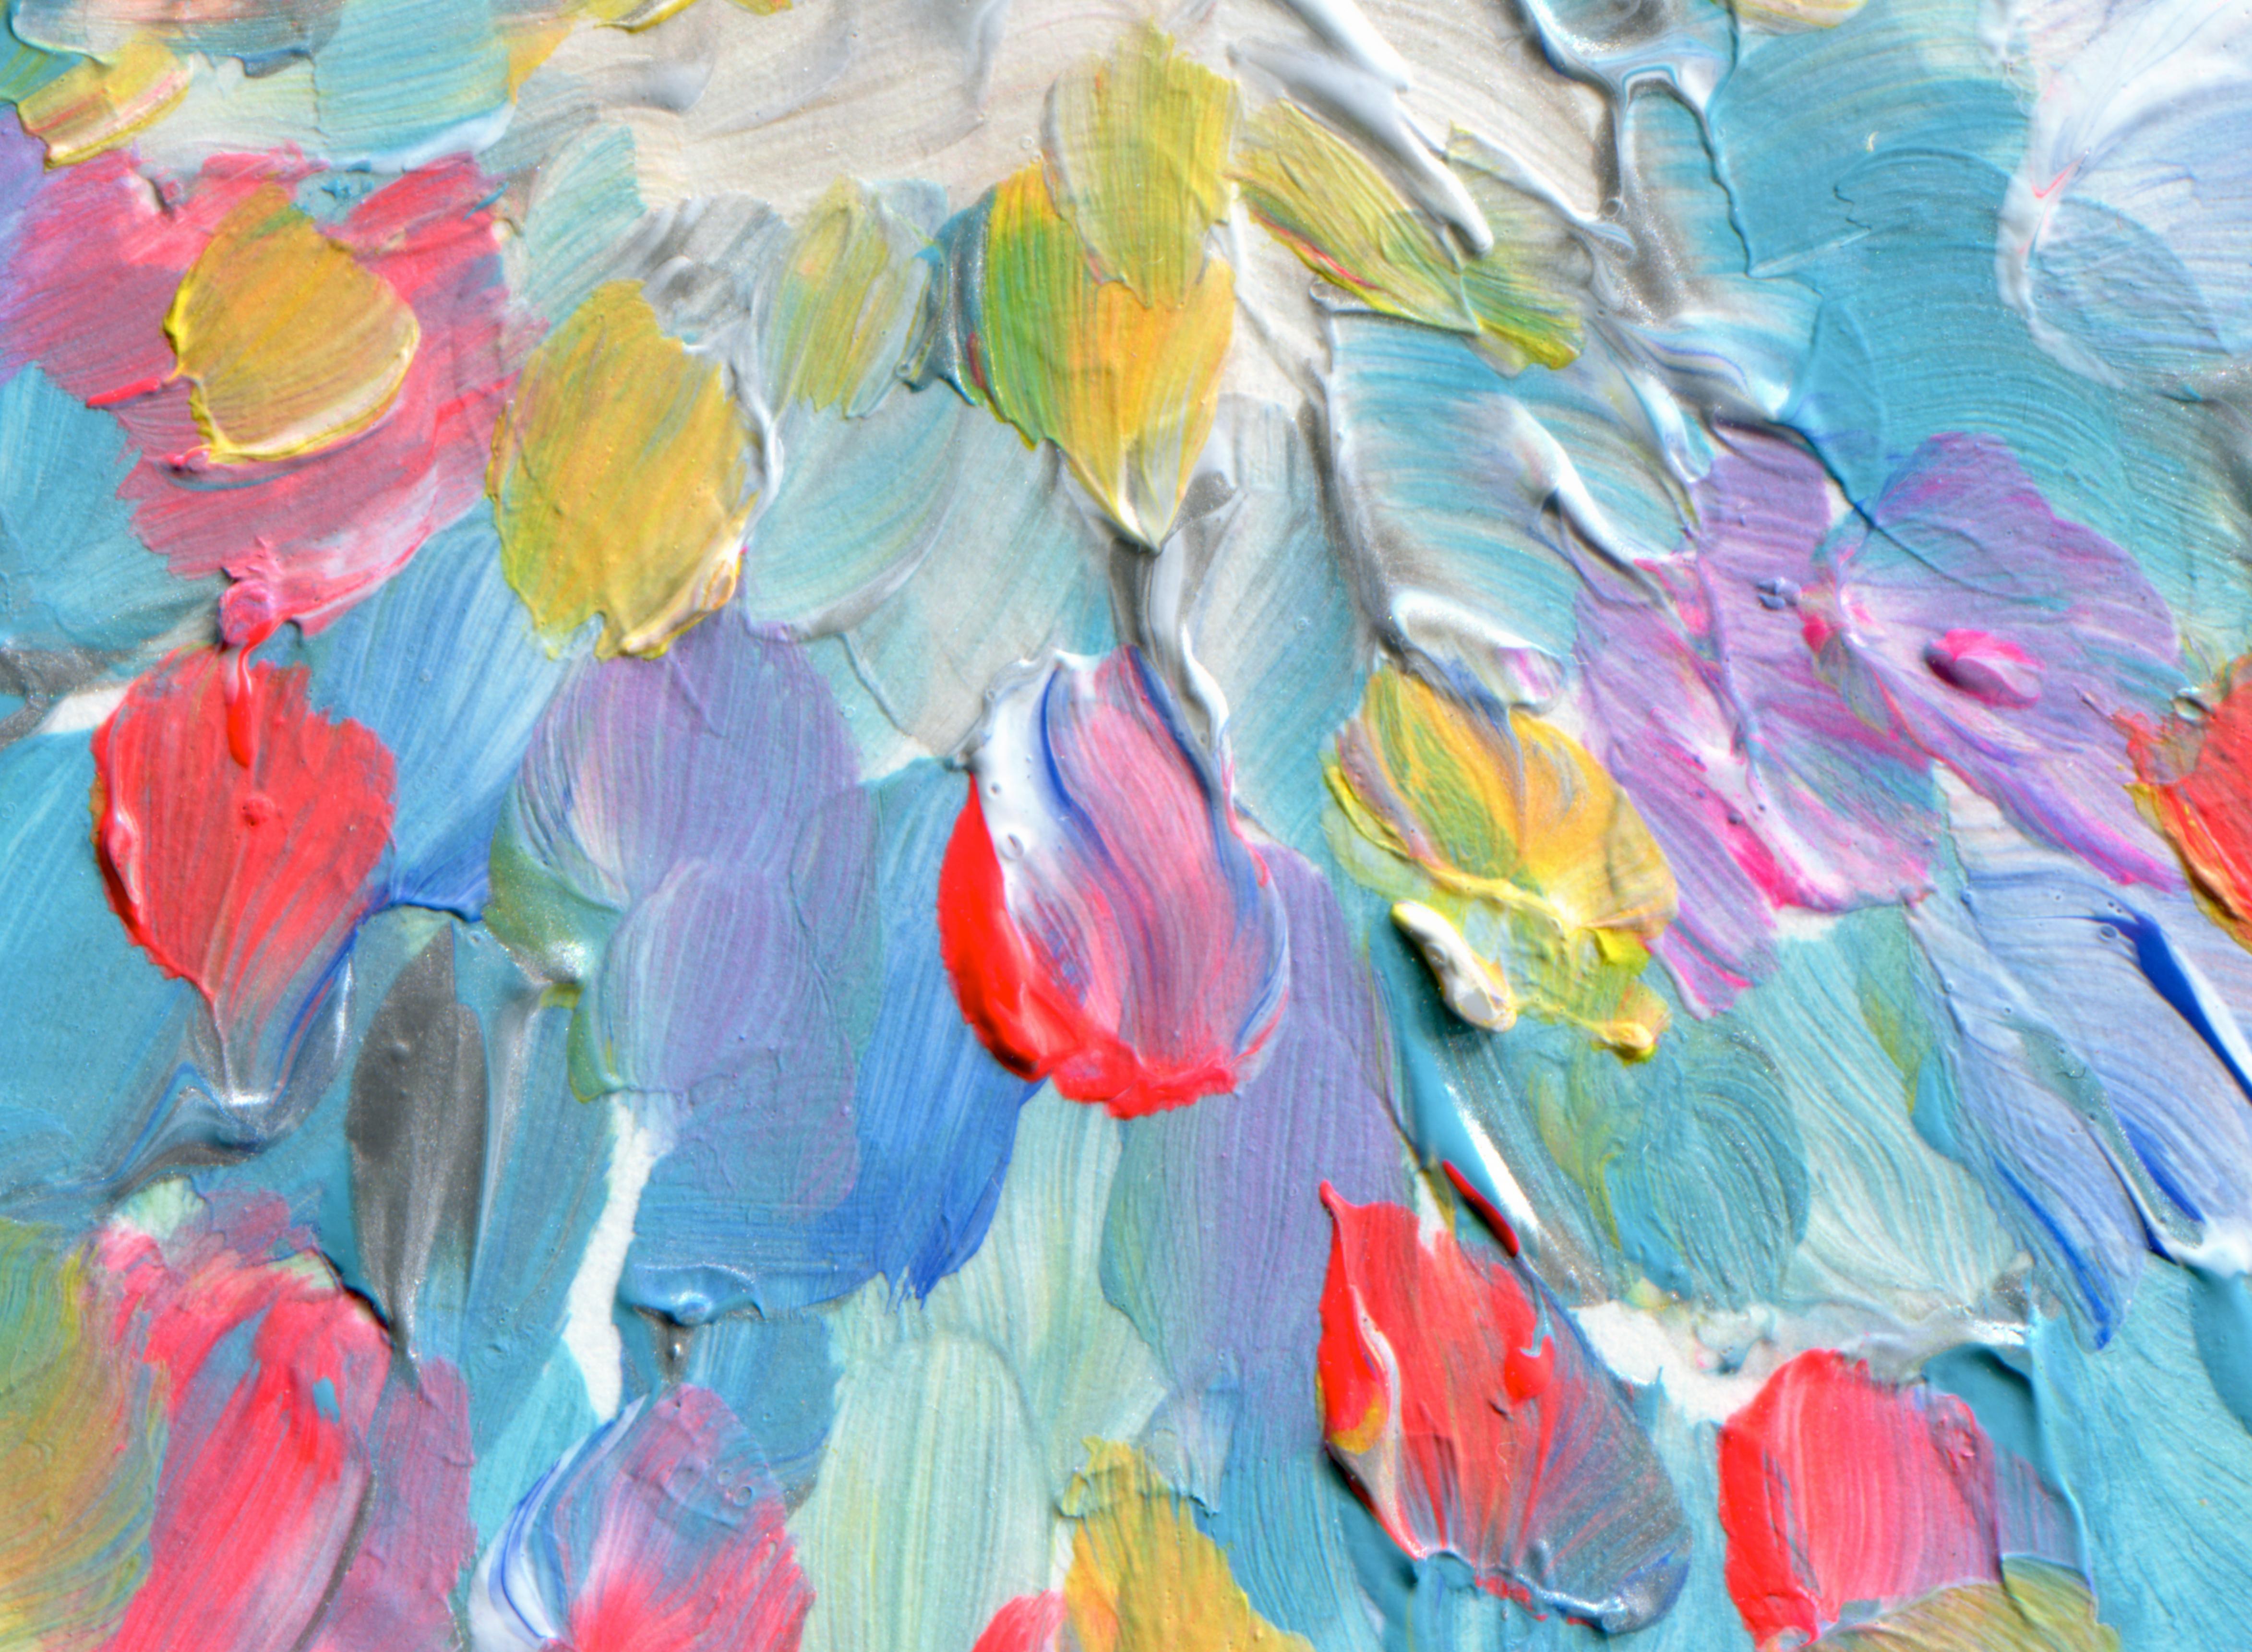 Patty Paint Image